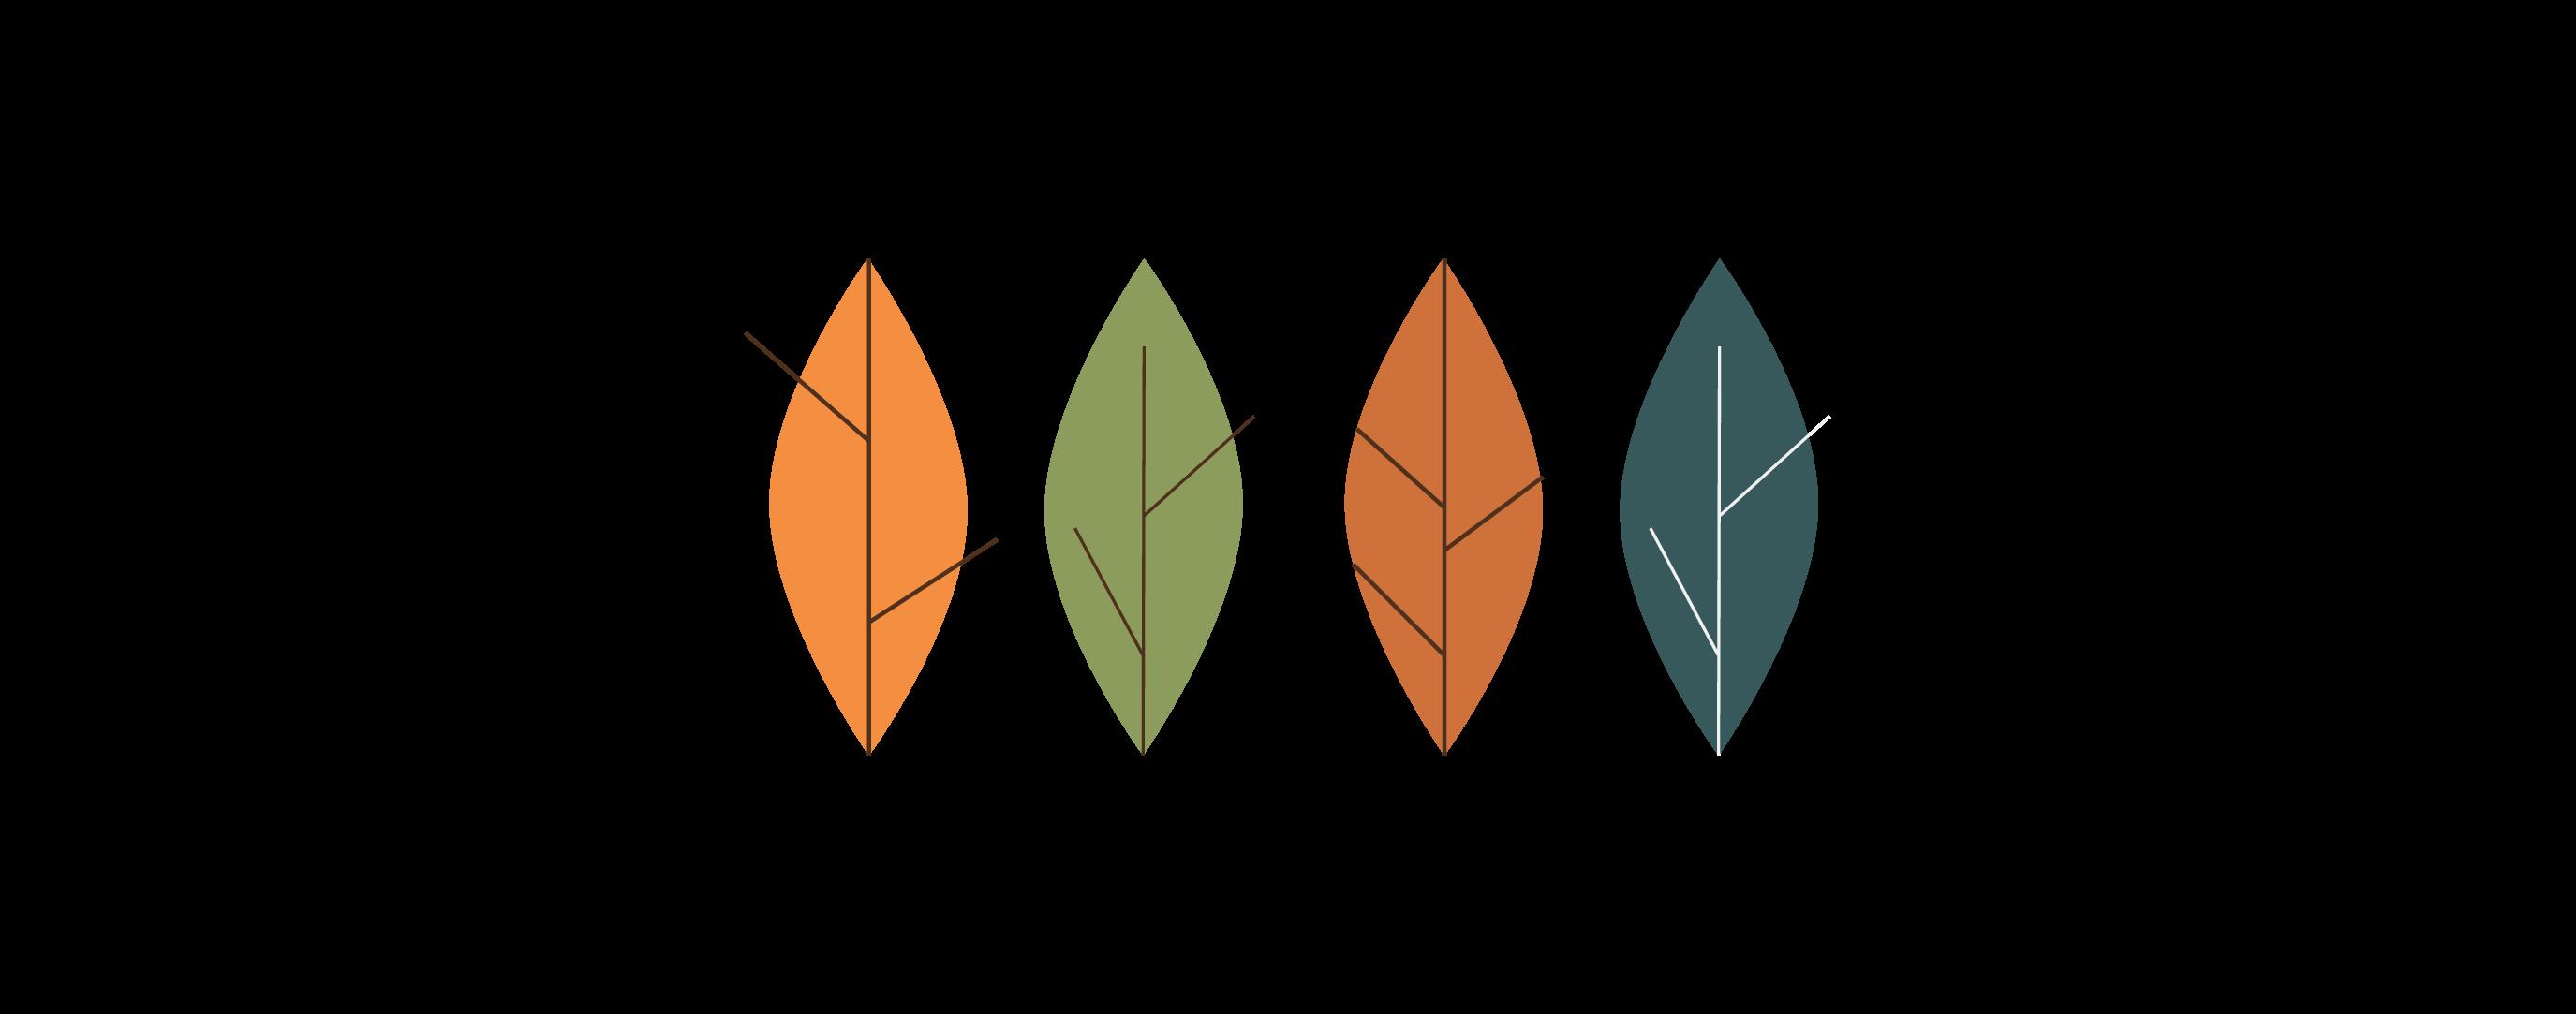 Hojas de diferentes colores